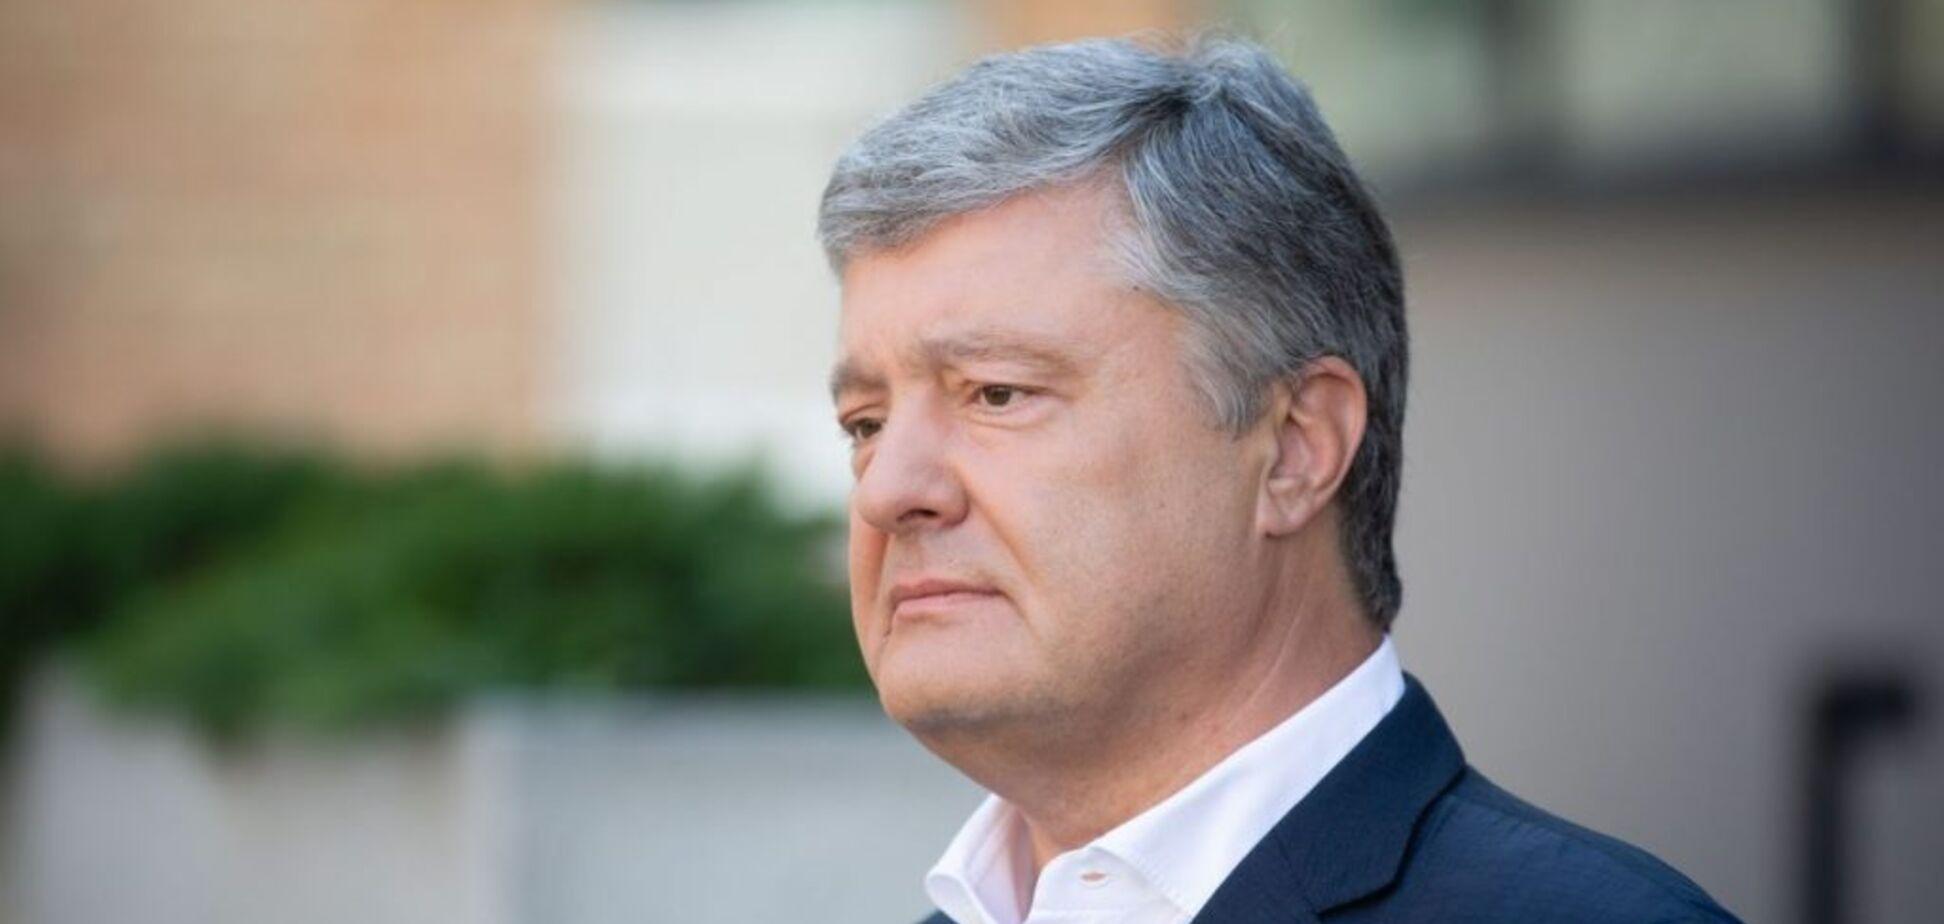 Саміт Україна-ЄС мотивує владу до реальної, а не фейкової боротьби з корупцією – Порошенко